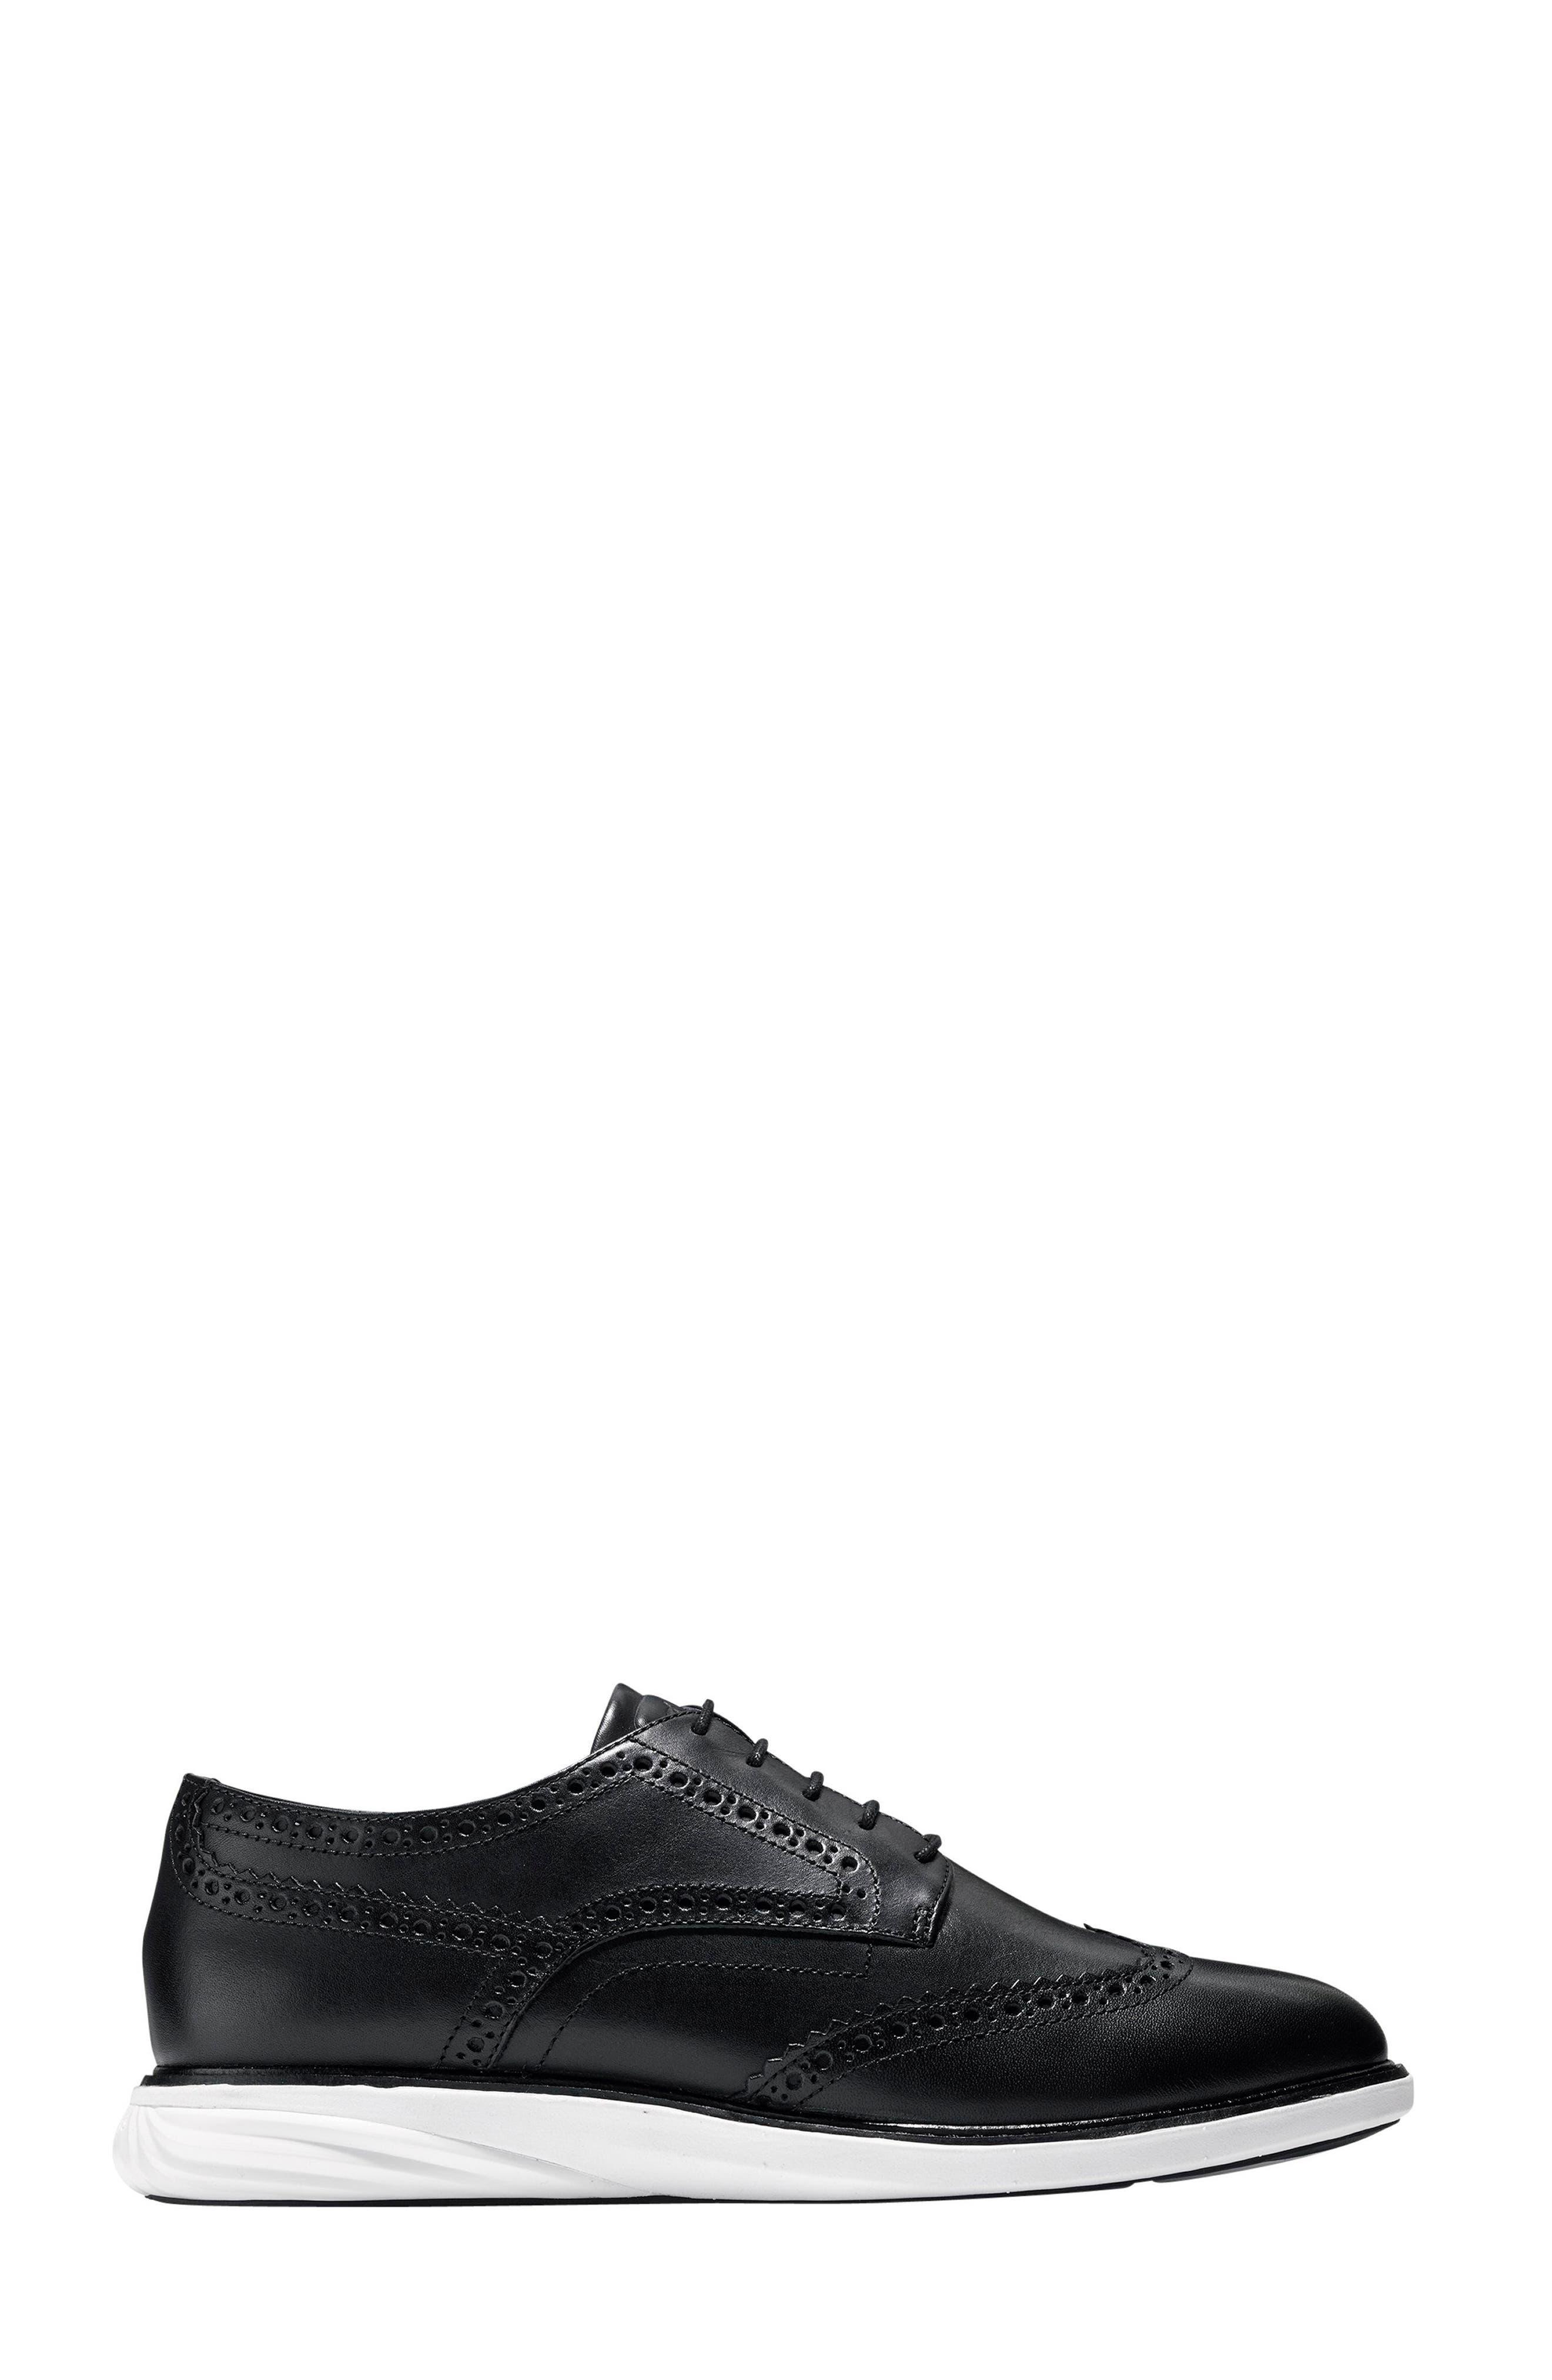 Gradevolution Oxford Sneaker,                             Alternate thumbnail 3, color,                             Black/ Optic White Leather